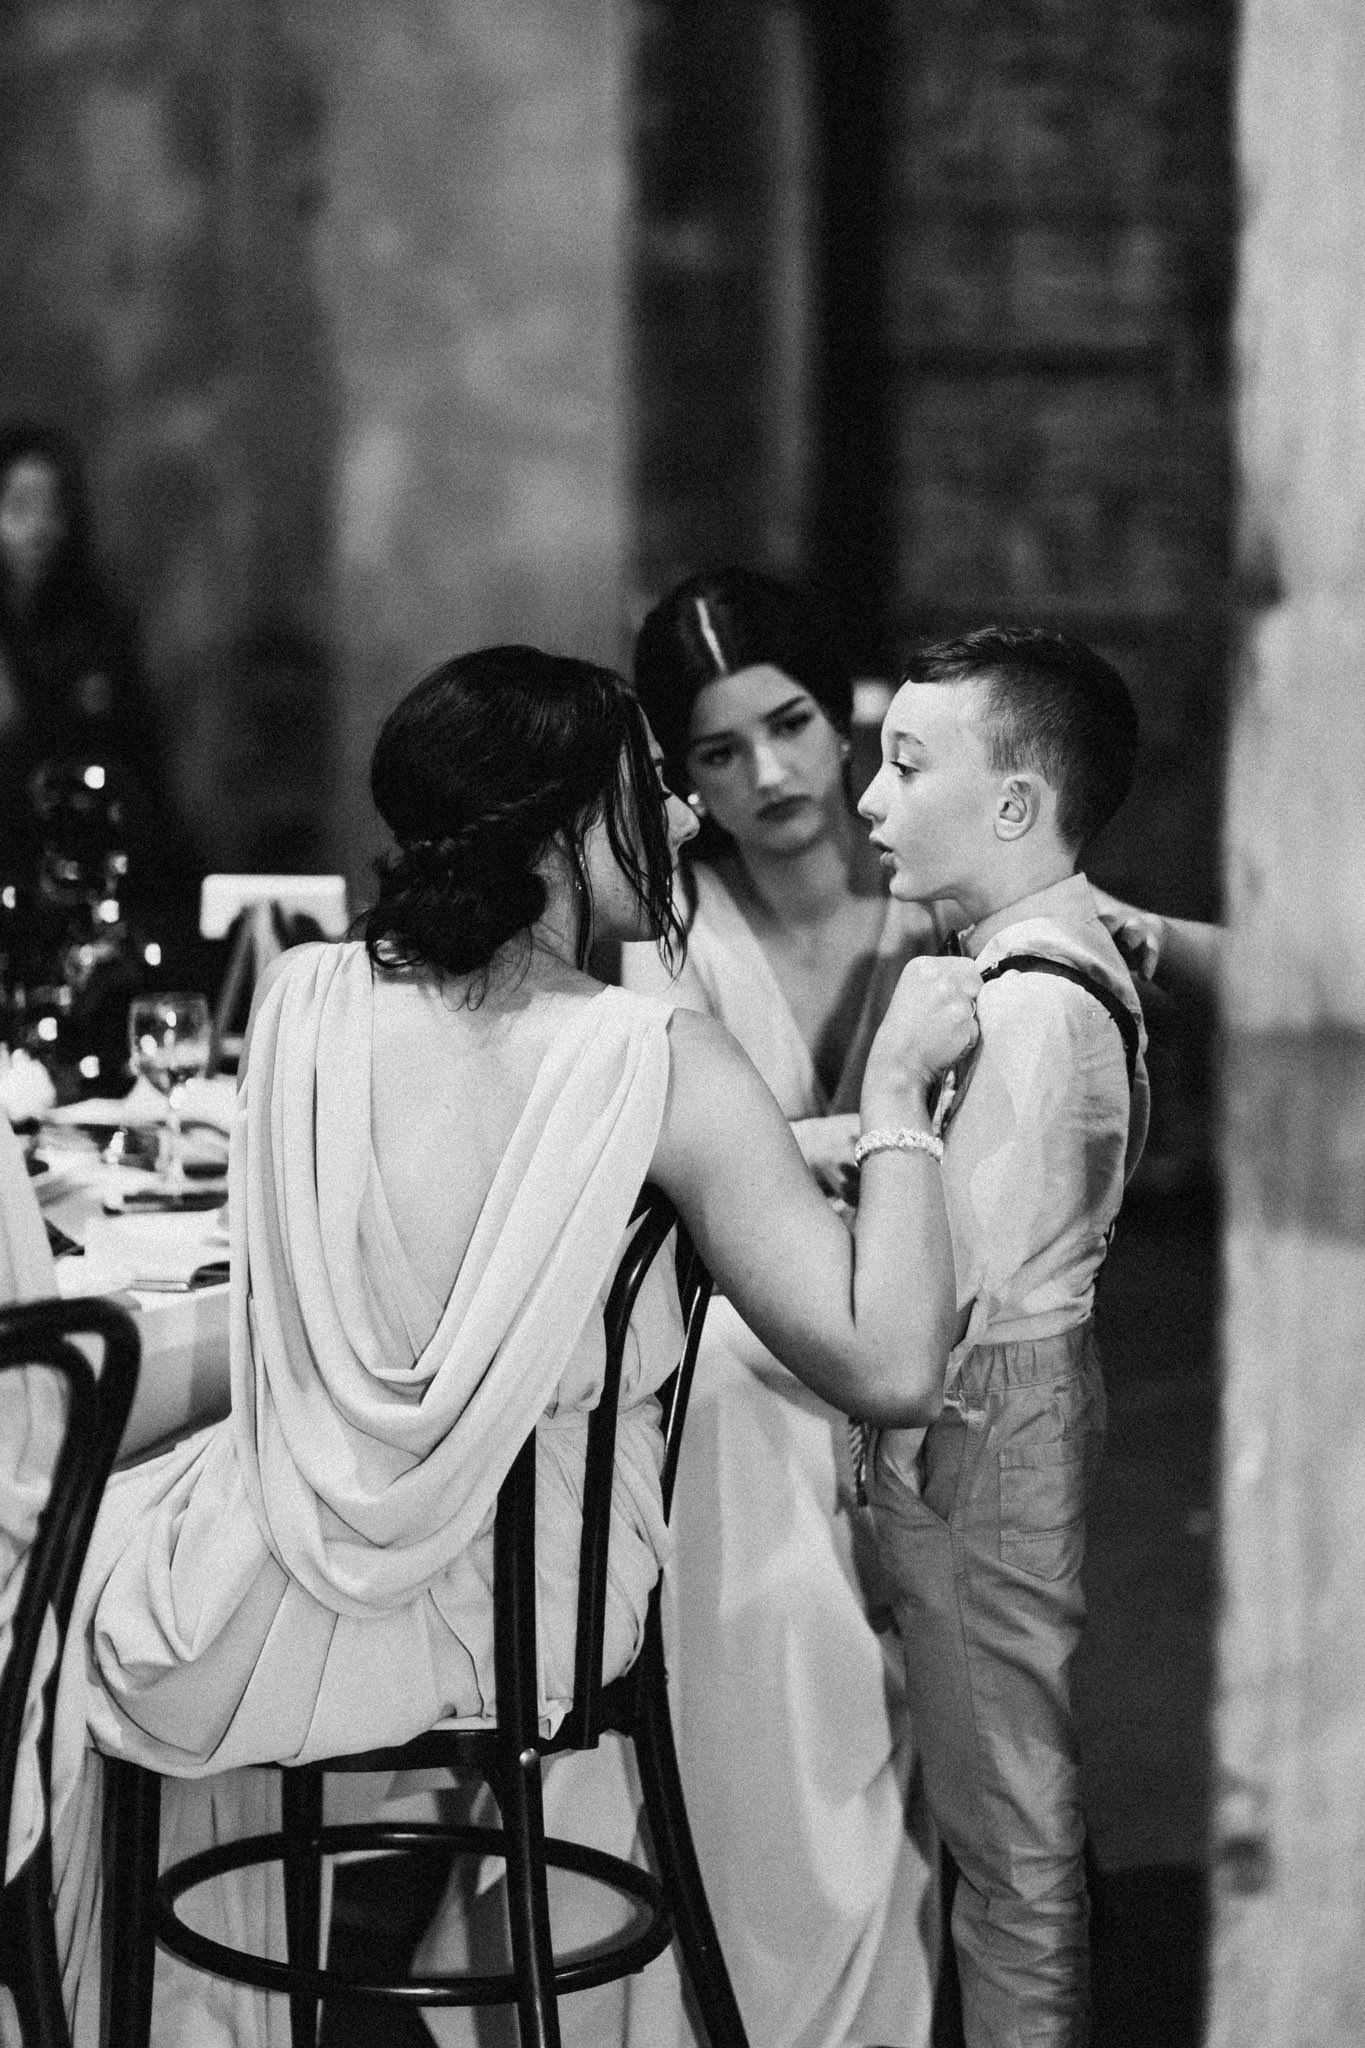 WeddingPhotos_Facebook_2048pixels-1120.jpg